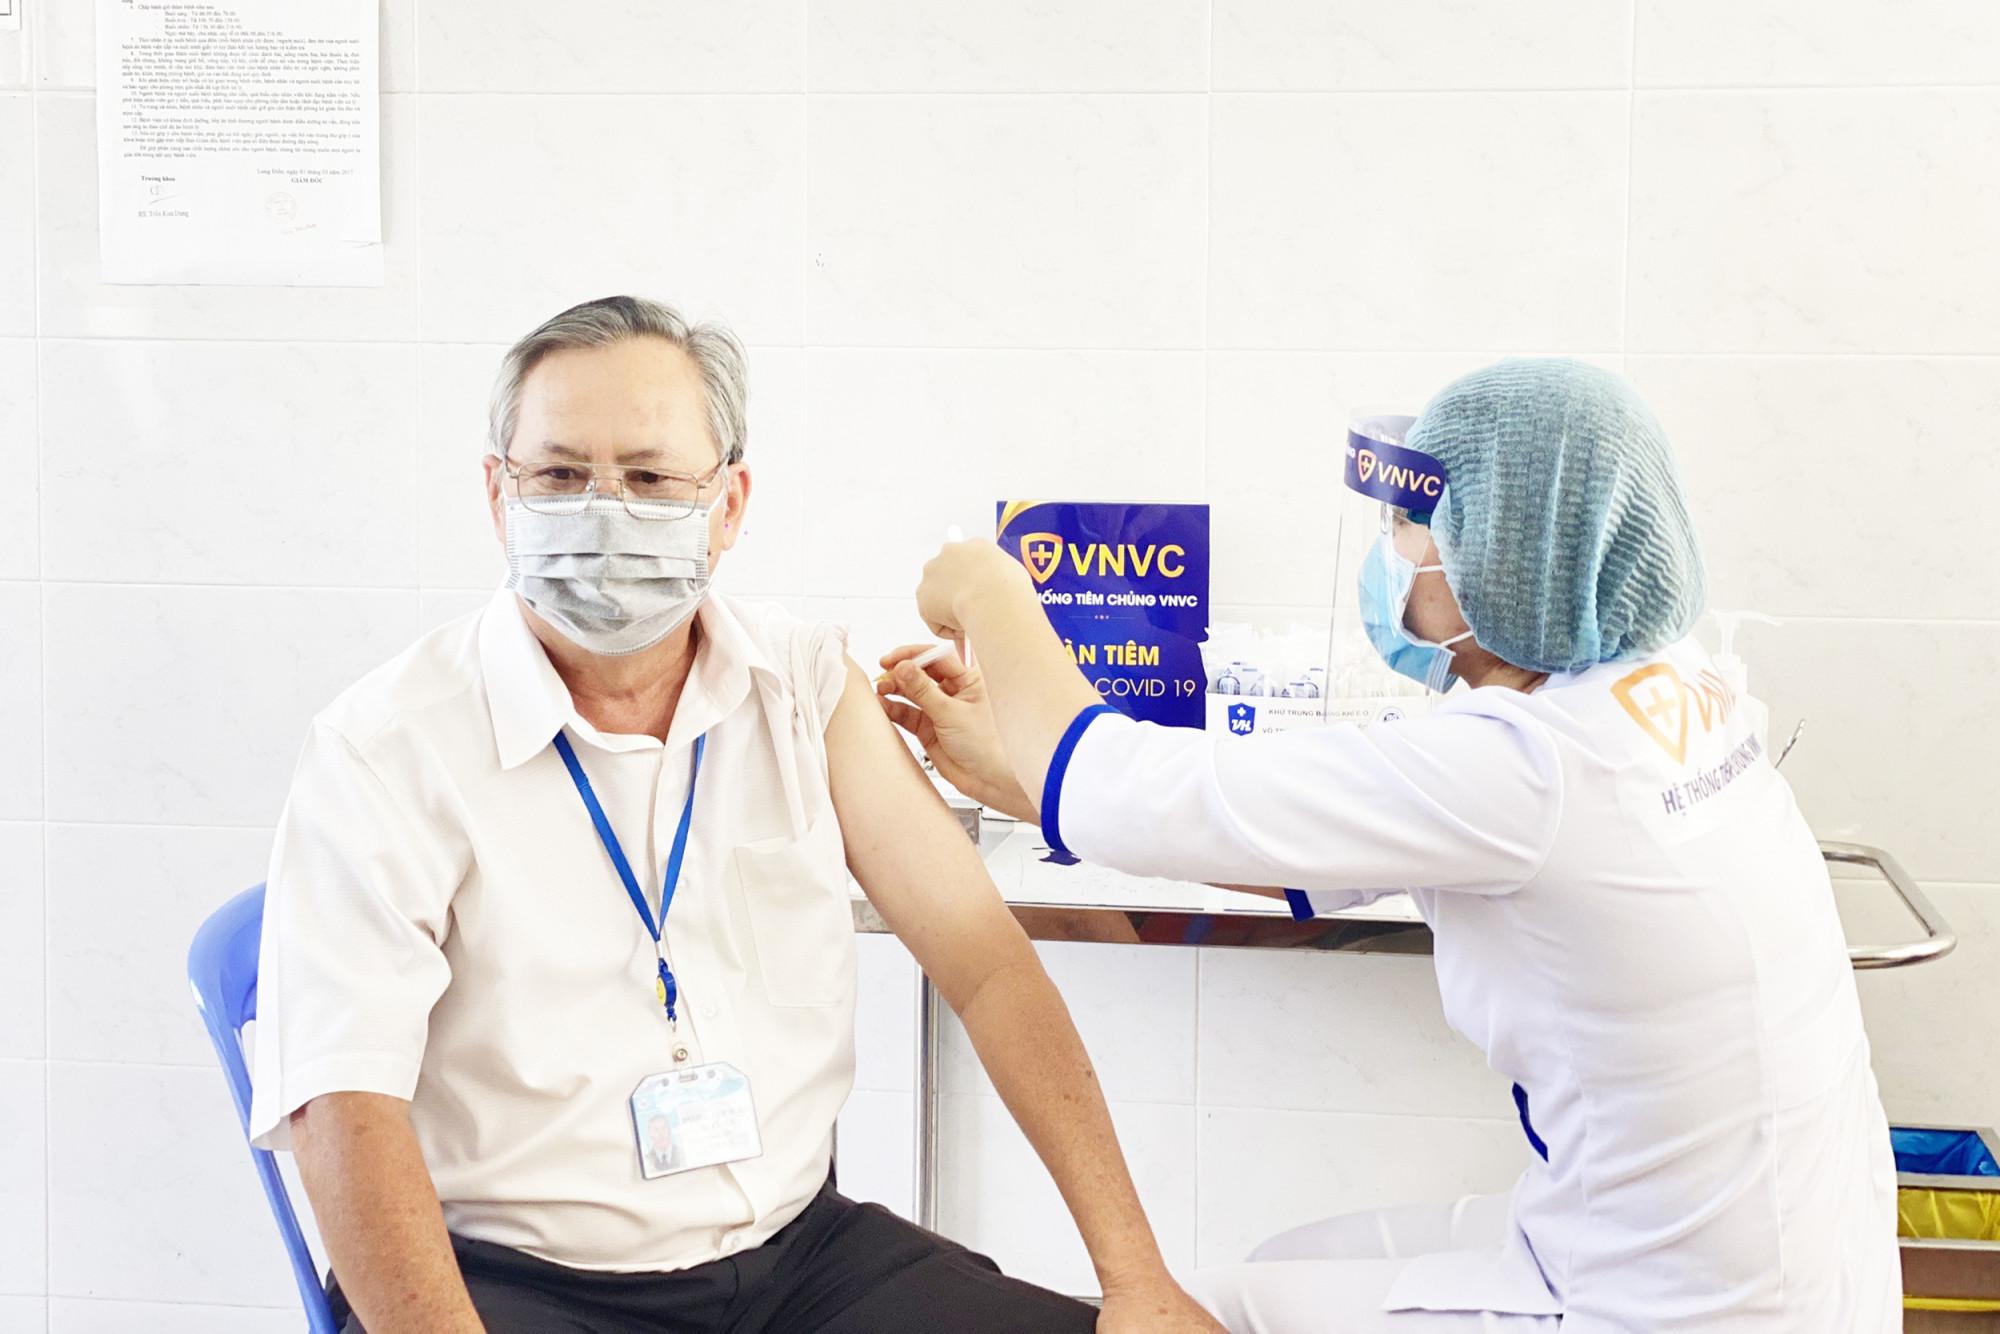 Tất cả nhân viên y tế của VNVC tham gia công tác tiêm chủng đều có chứng chỉ hành nghề, chứng chỉ an toàn tiêm chủng và đã được đào tạo thành thục quy trình an toàn tiêm chủng. Ảnh: VNVC